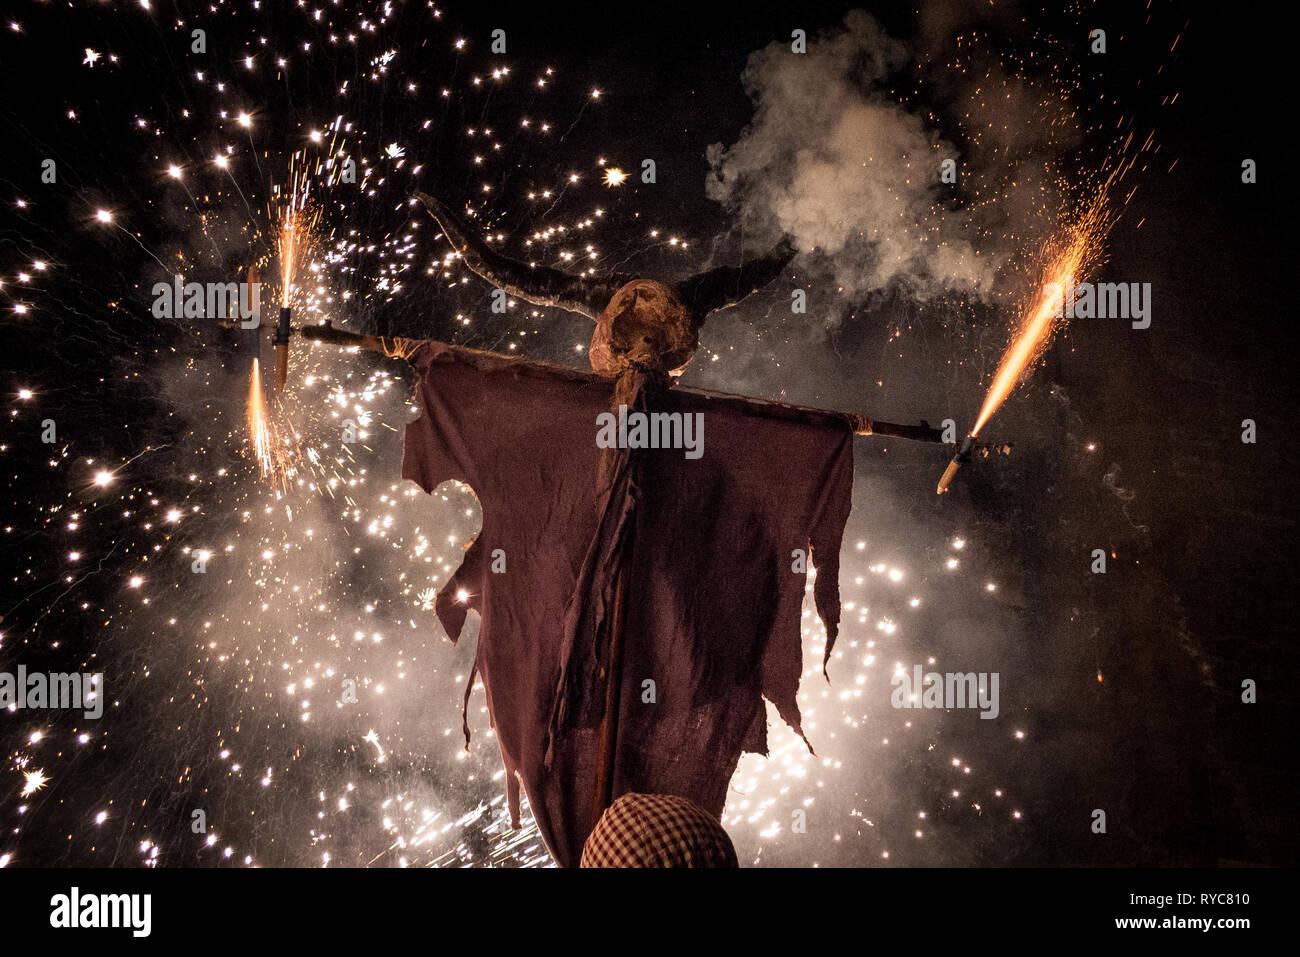 A due corna demone. Durante il Correfoc celebrazioni tradizionali, fuochi d'artificio-toting demoni rush selvaggiamente verso il basso le strade scattering scintille in un ardente ri-e Immagini Stock